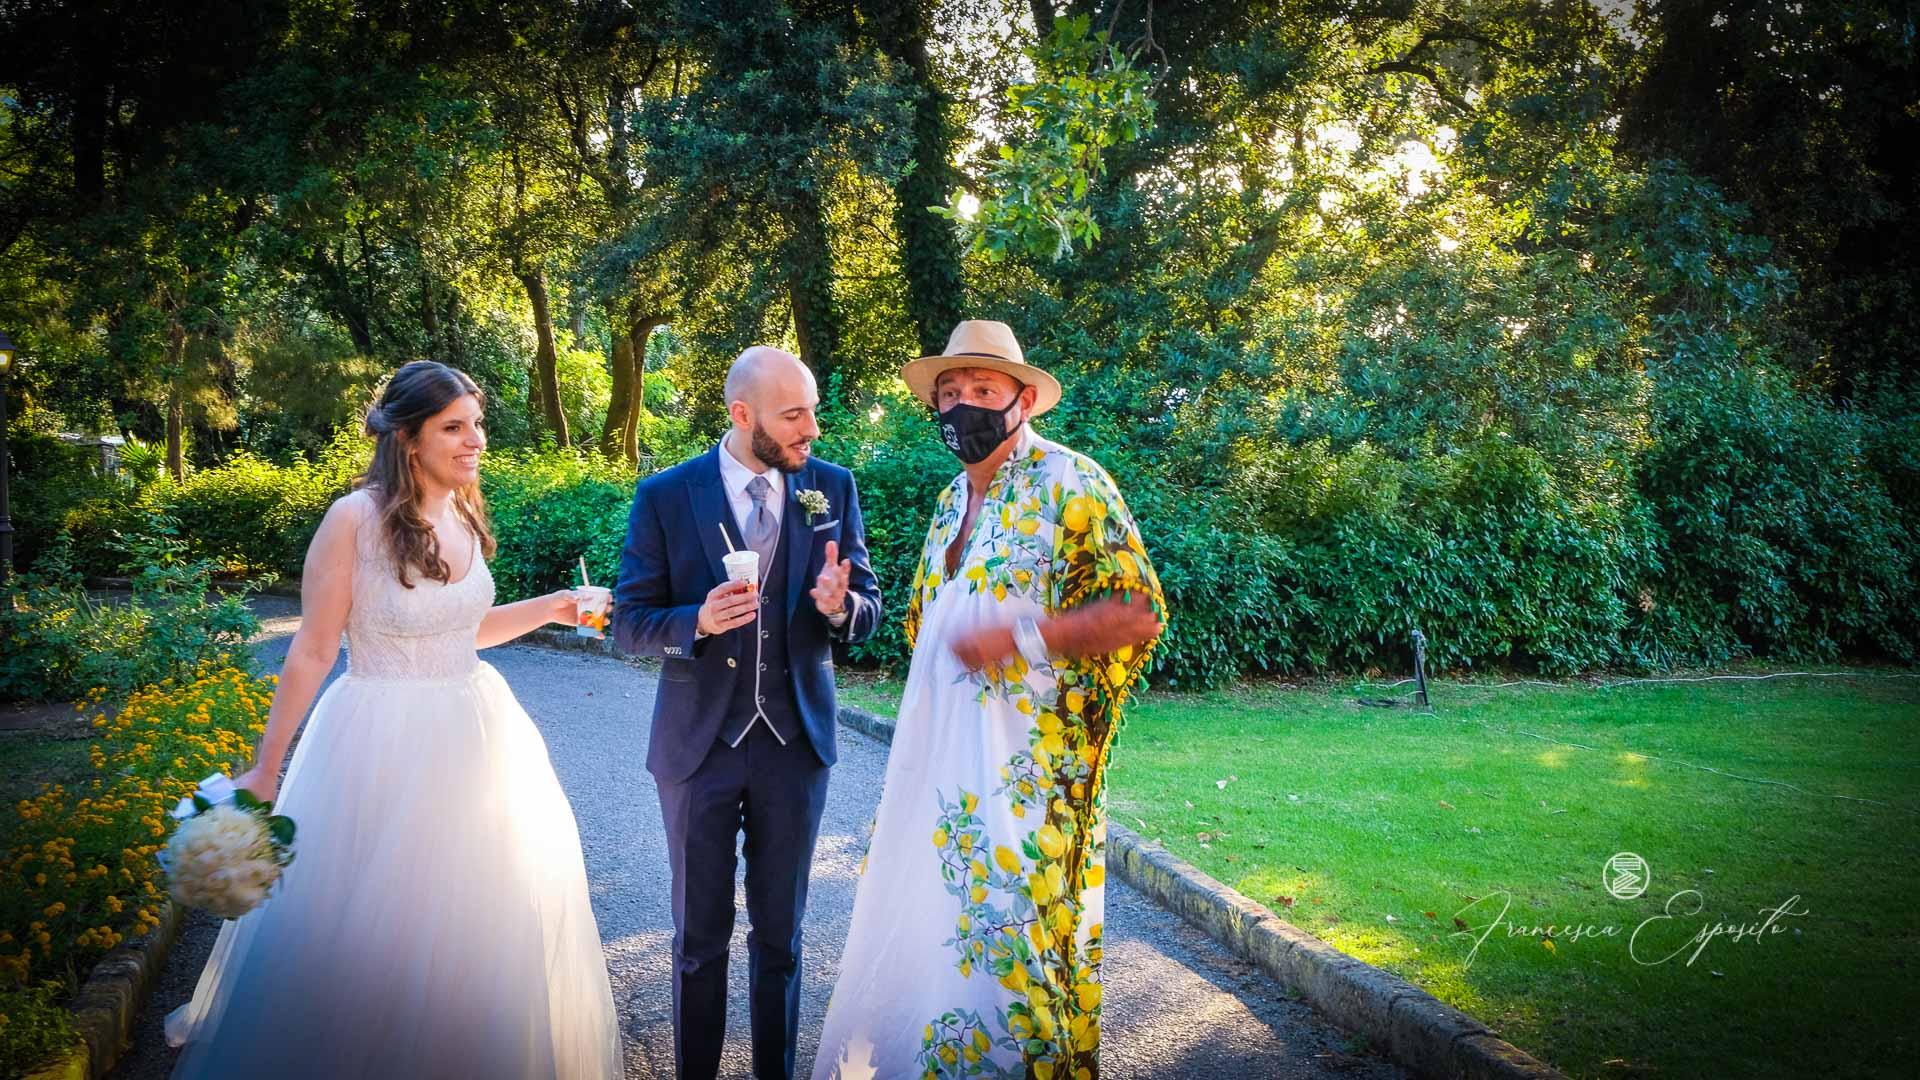 matrimonio eco friendly and eco chic napoli sorrento